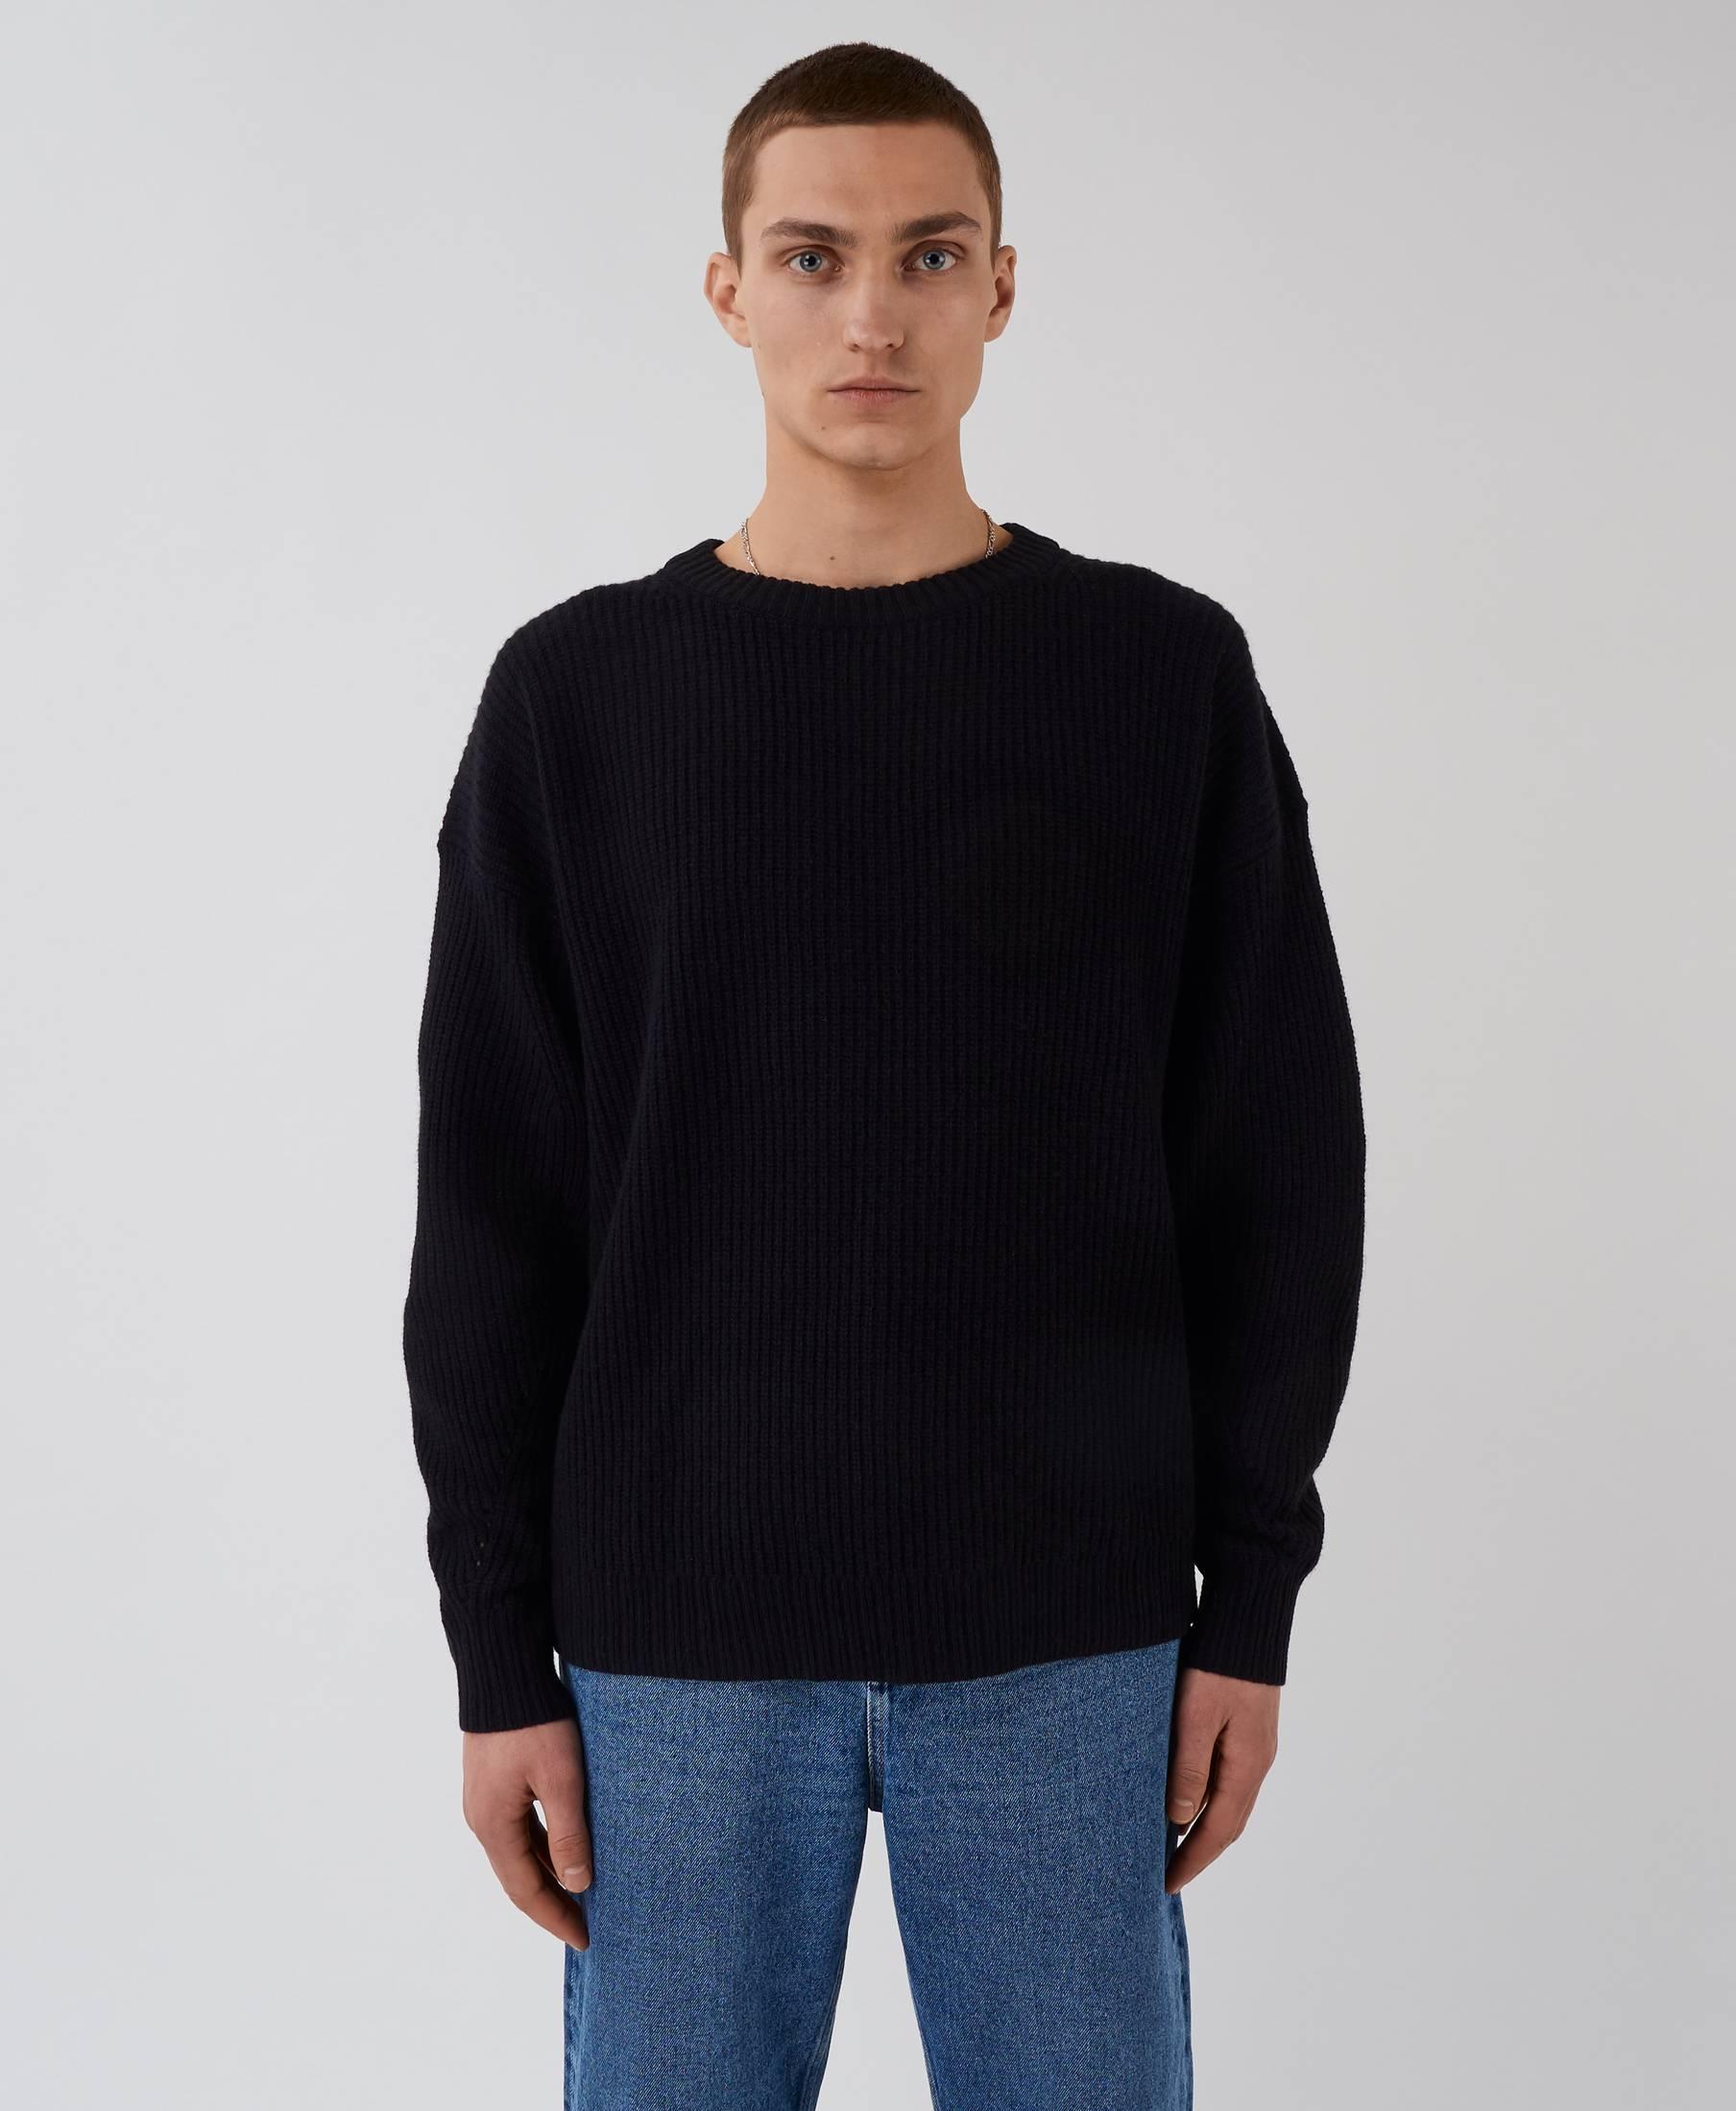 Kelvin Sweater Pistol Black